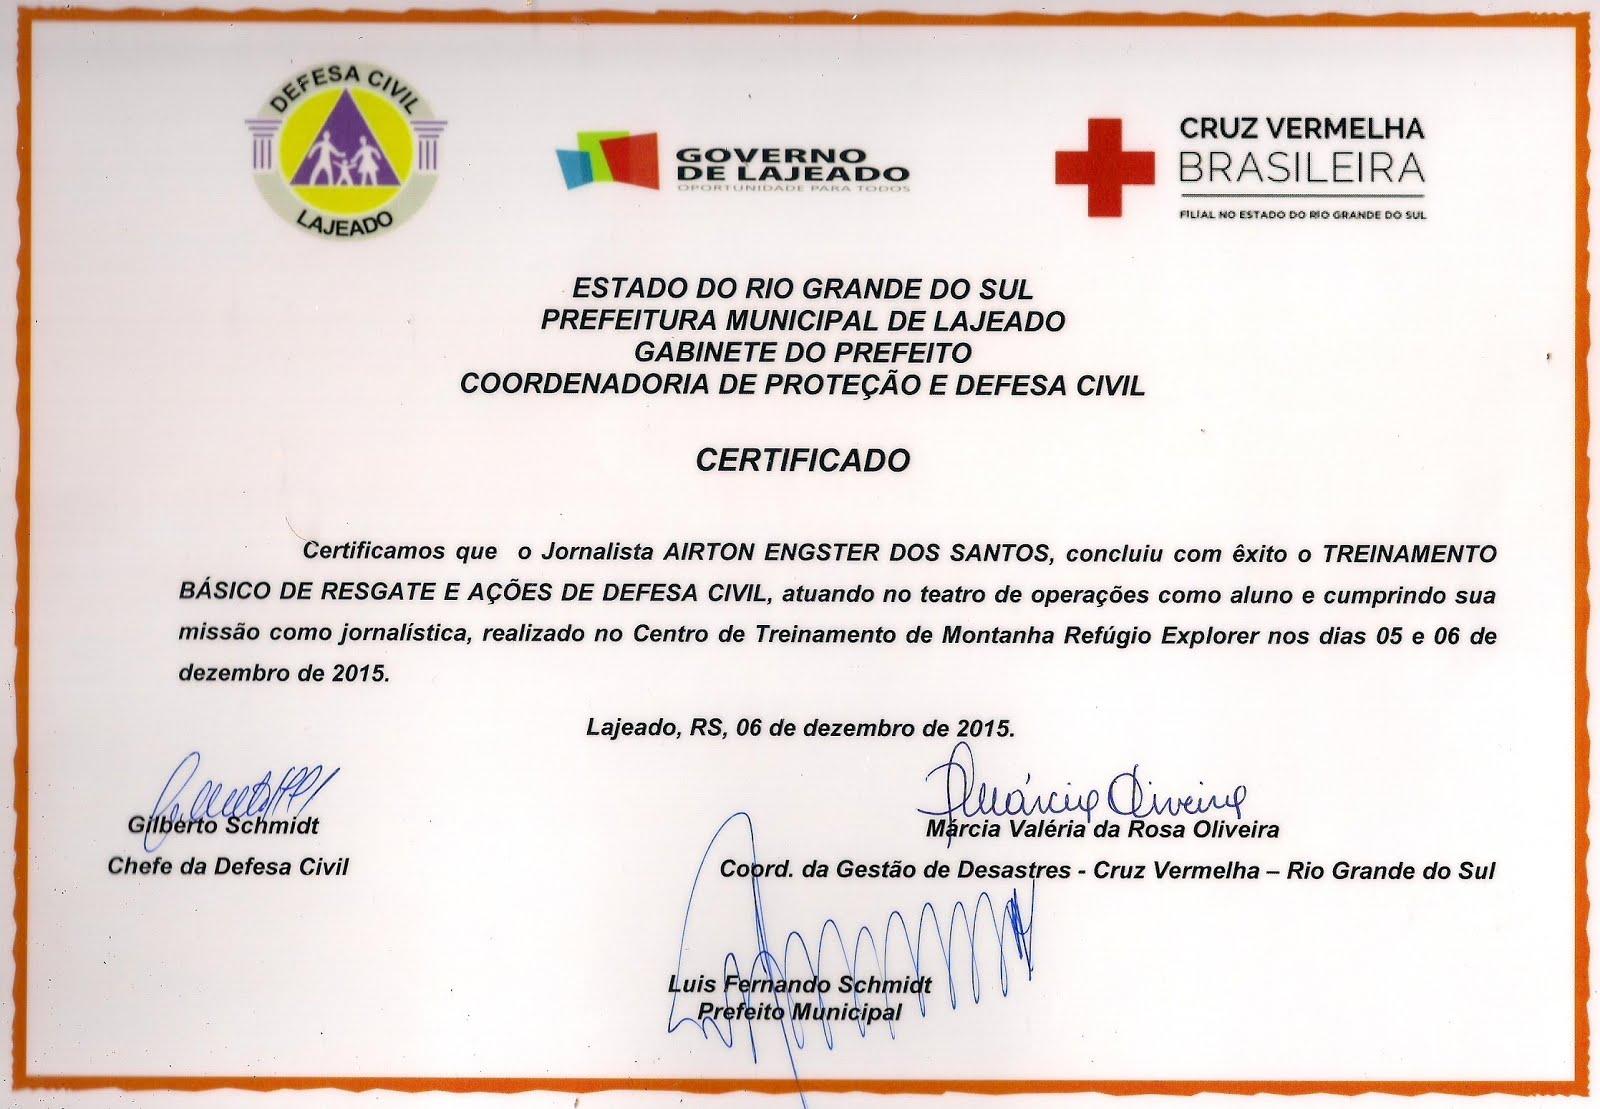 Certificado da Defesa Civil e Cruz Vermelha